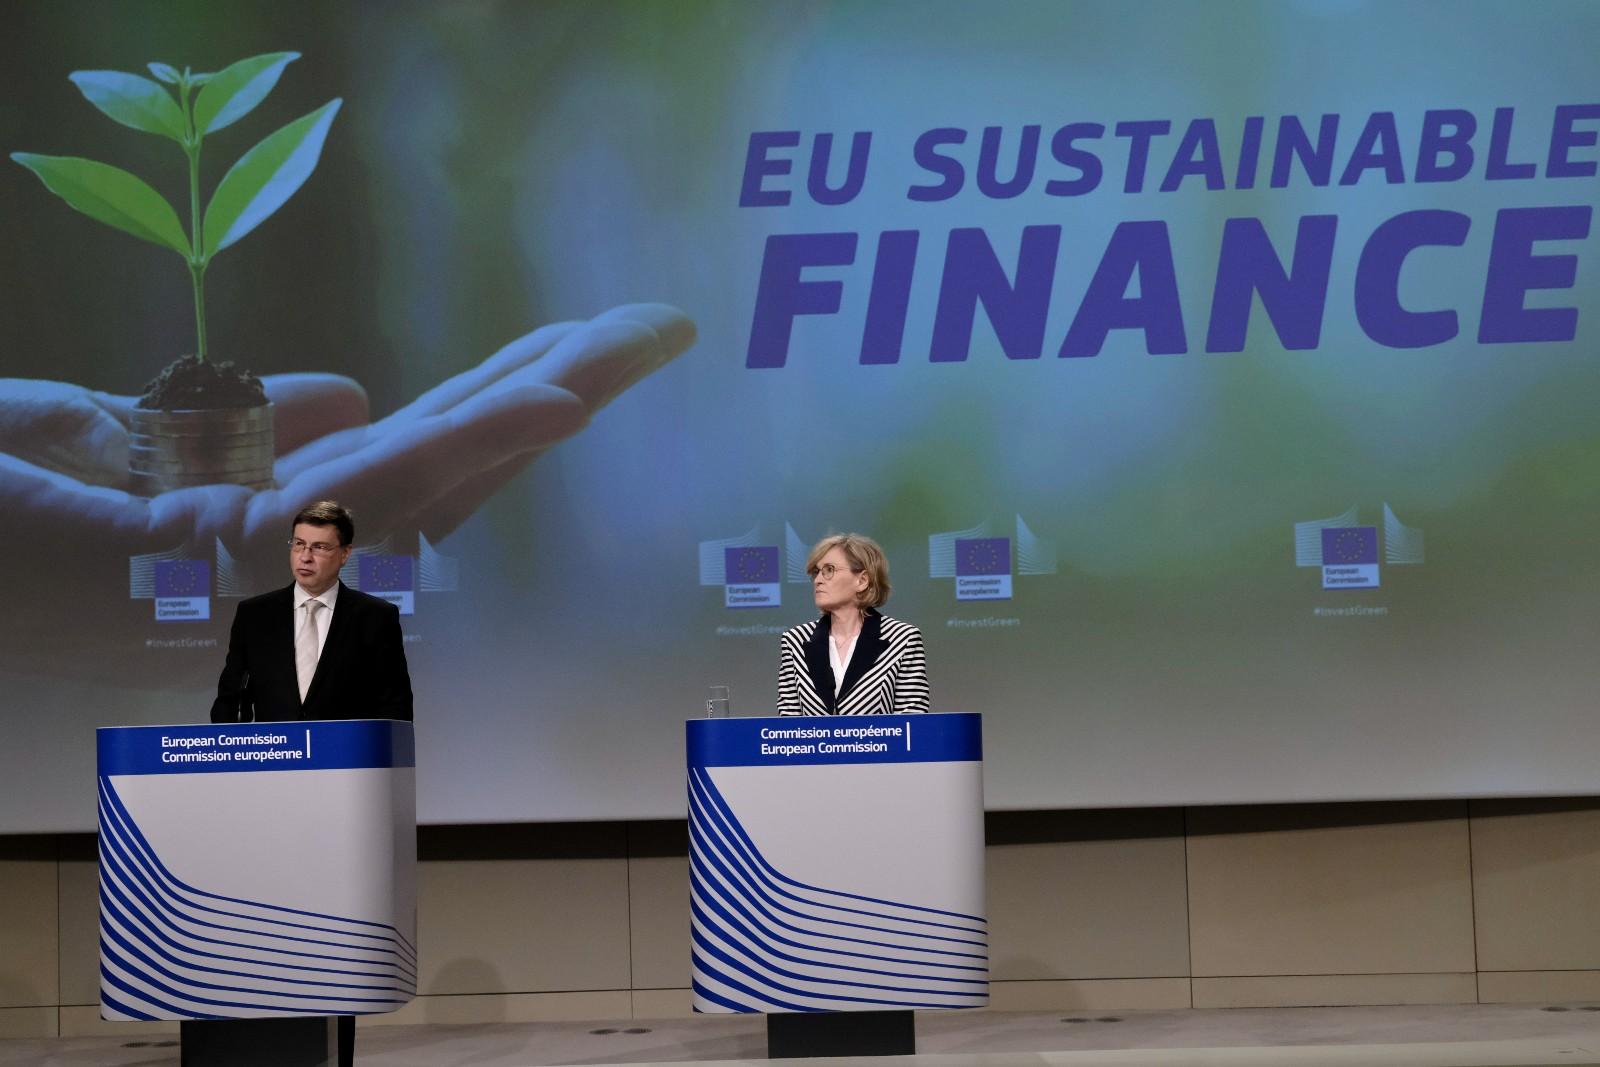 歐盟可持續金融